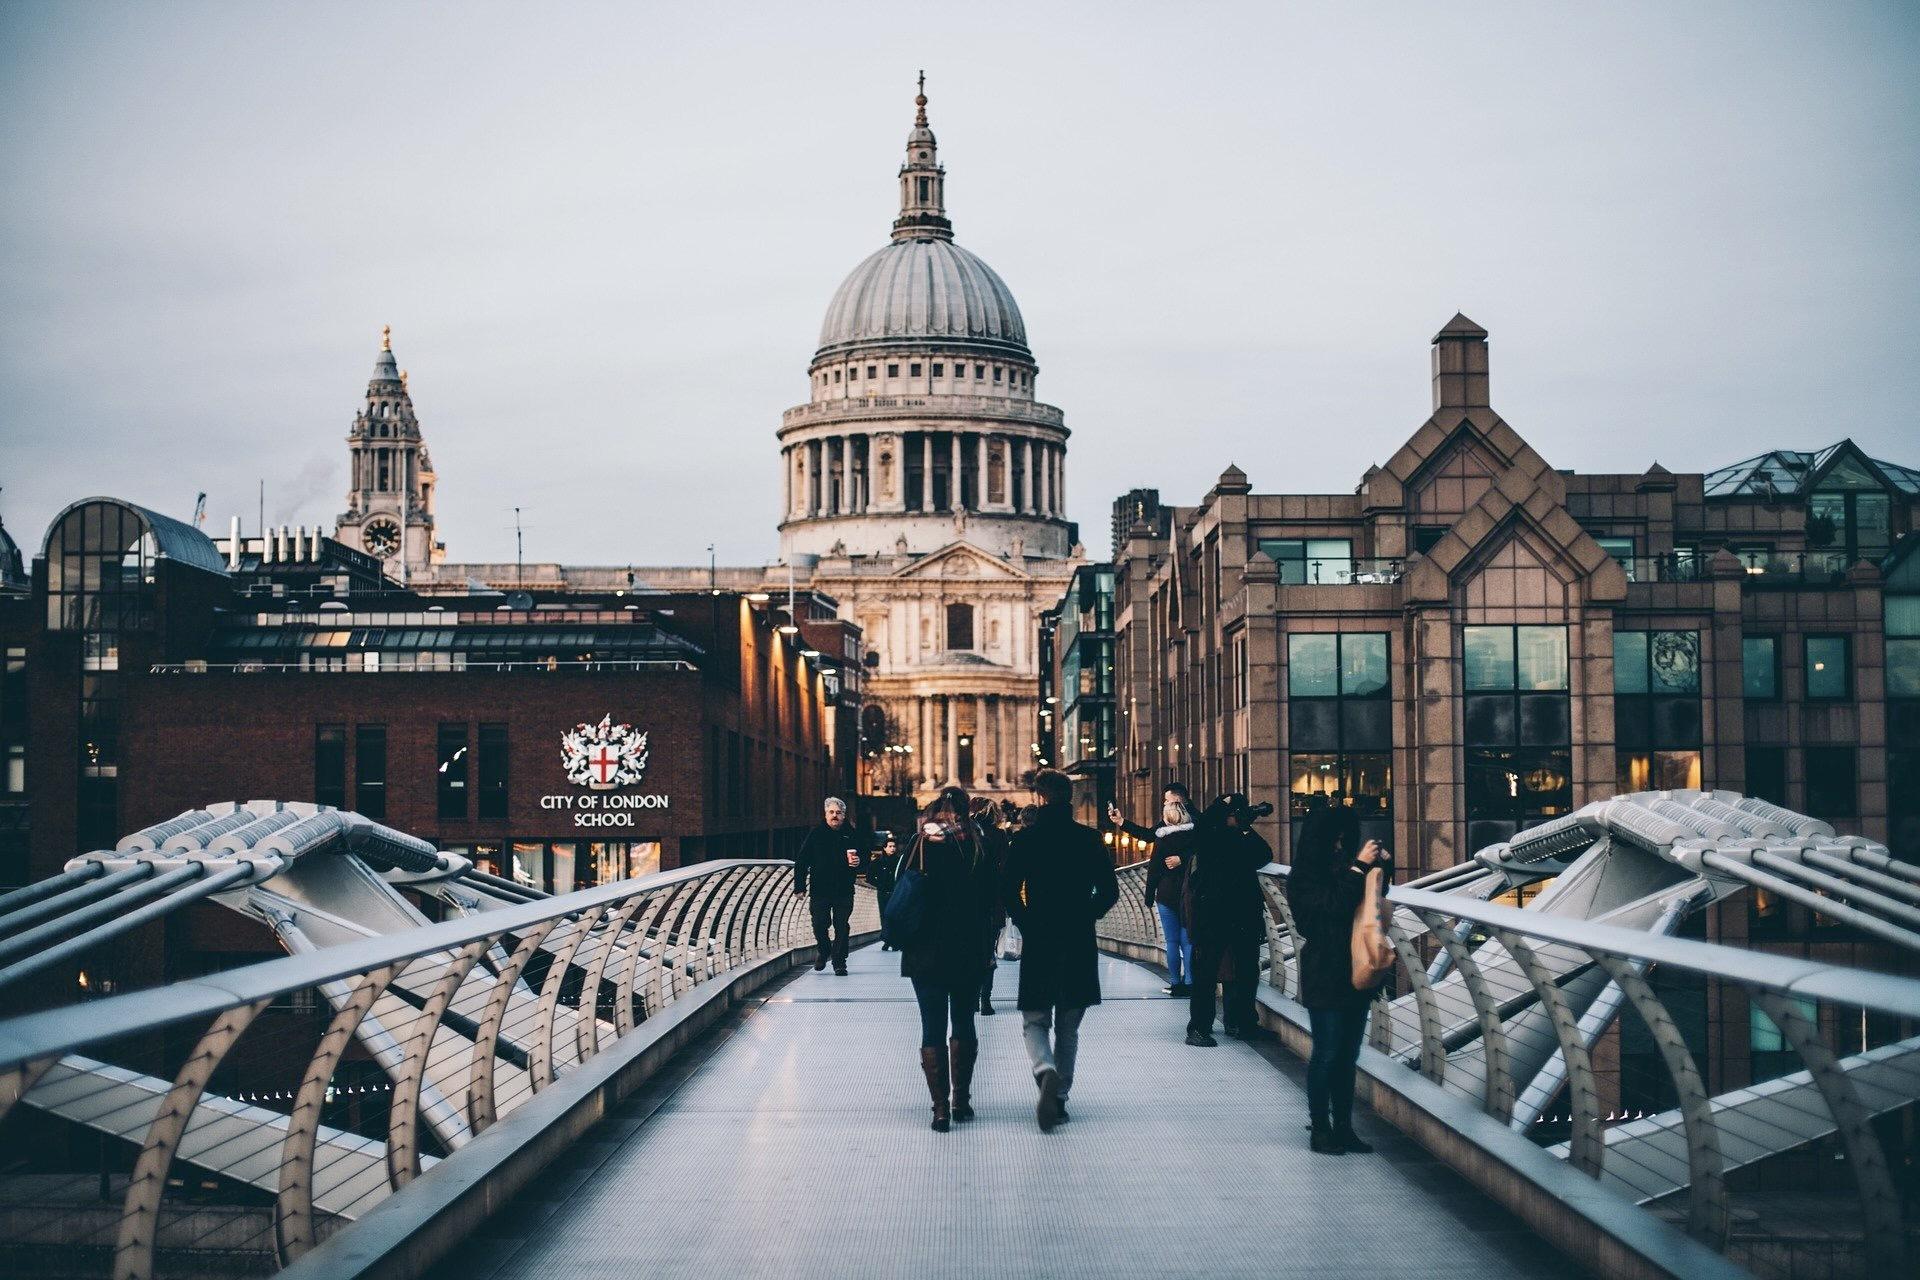 Eine der schönsten Städte in Europa ist London